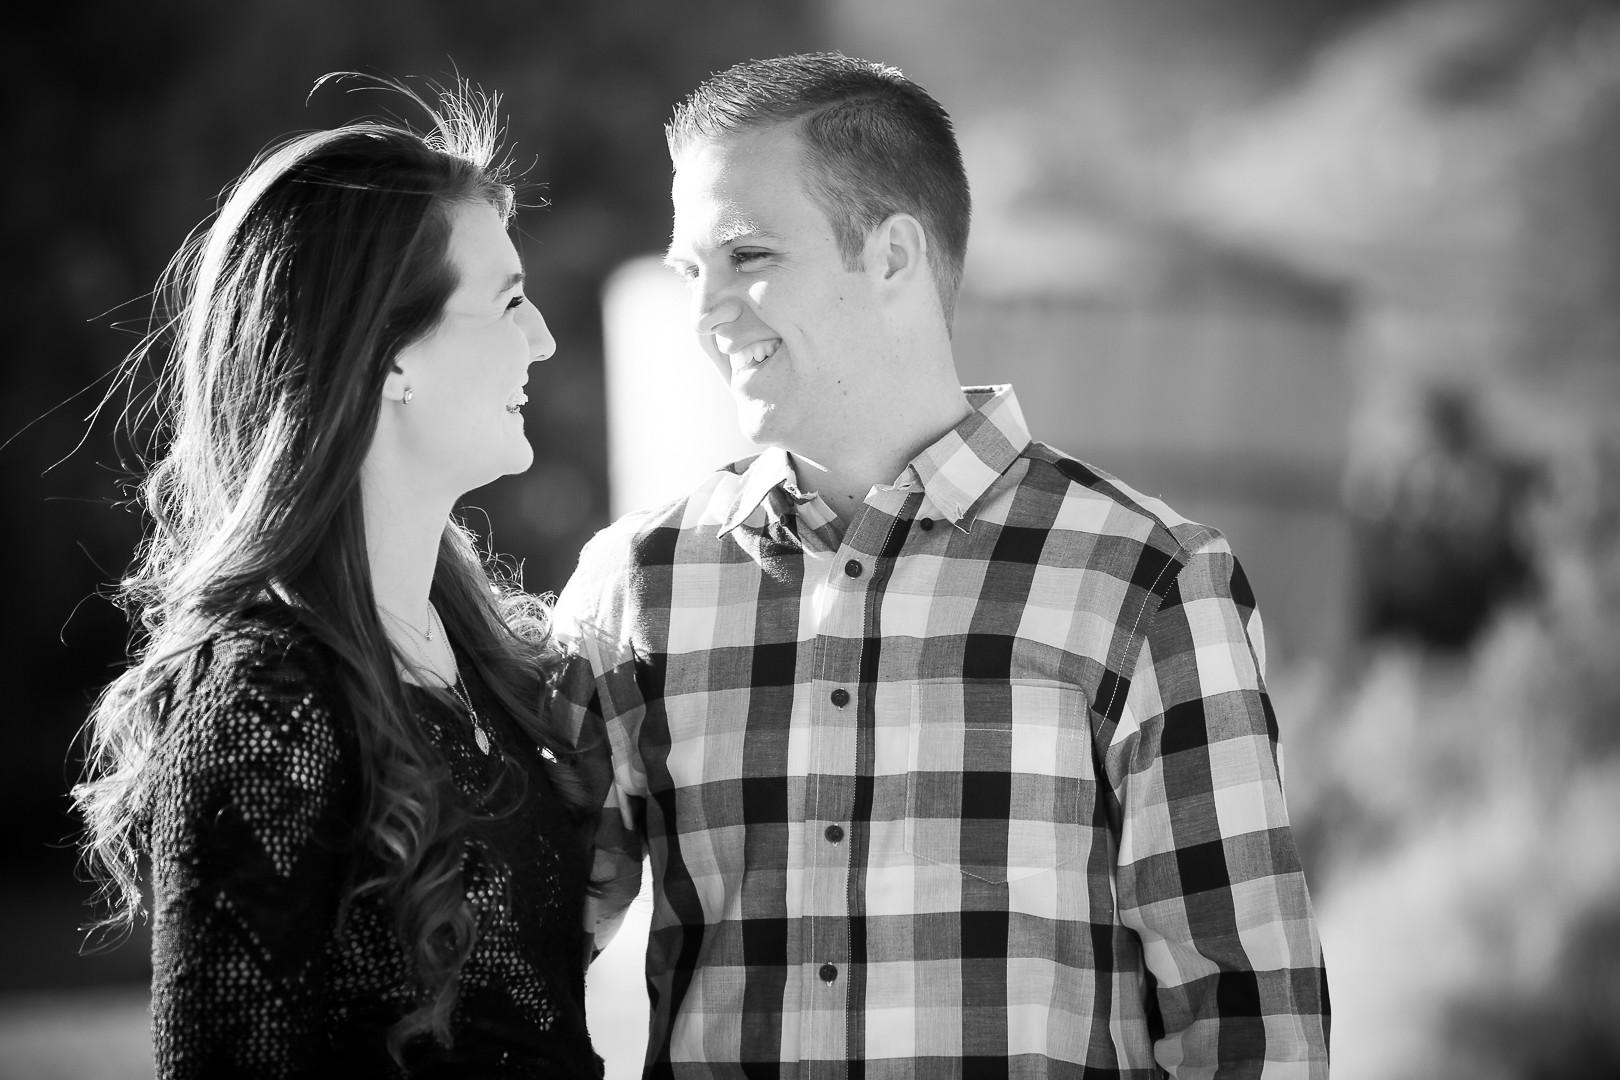 Las Vegas Black & White Couples Portrait Photographer